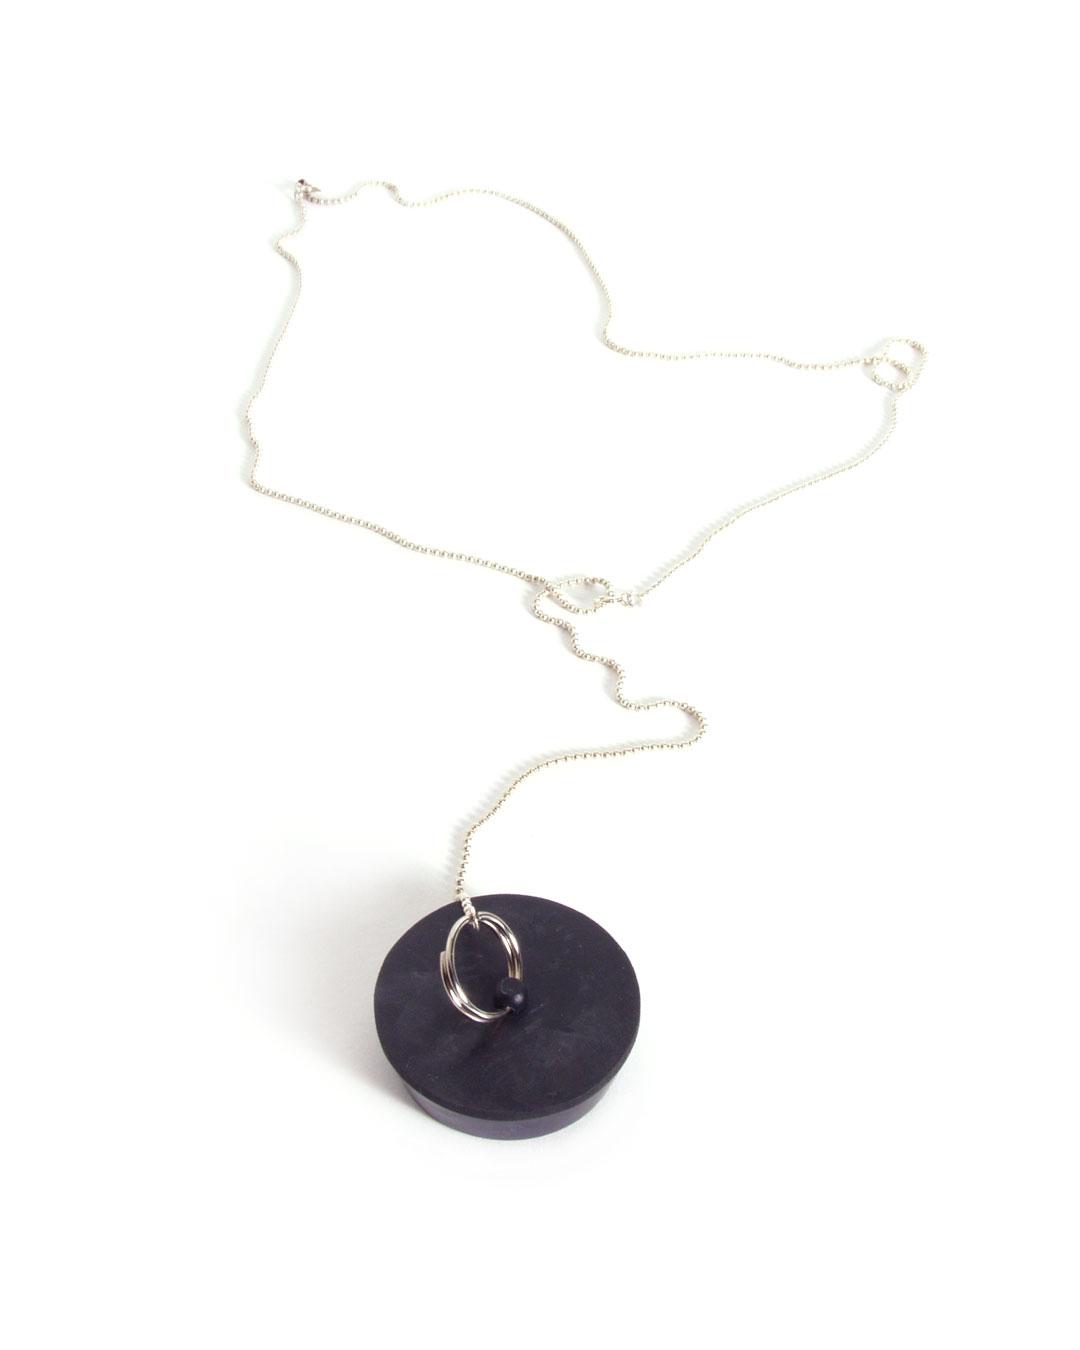 Hilde De Decker, untitled, 1996, pendant; silver, rubber, element ø 40 x 13 mm; L 630 mm